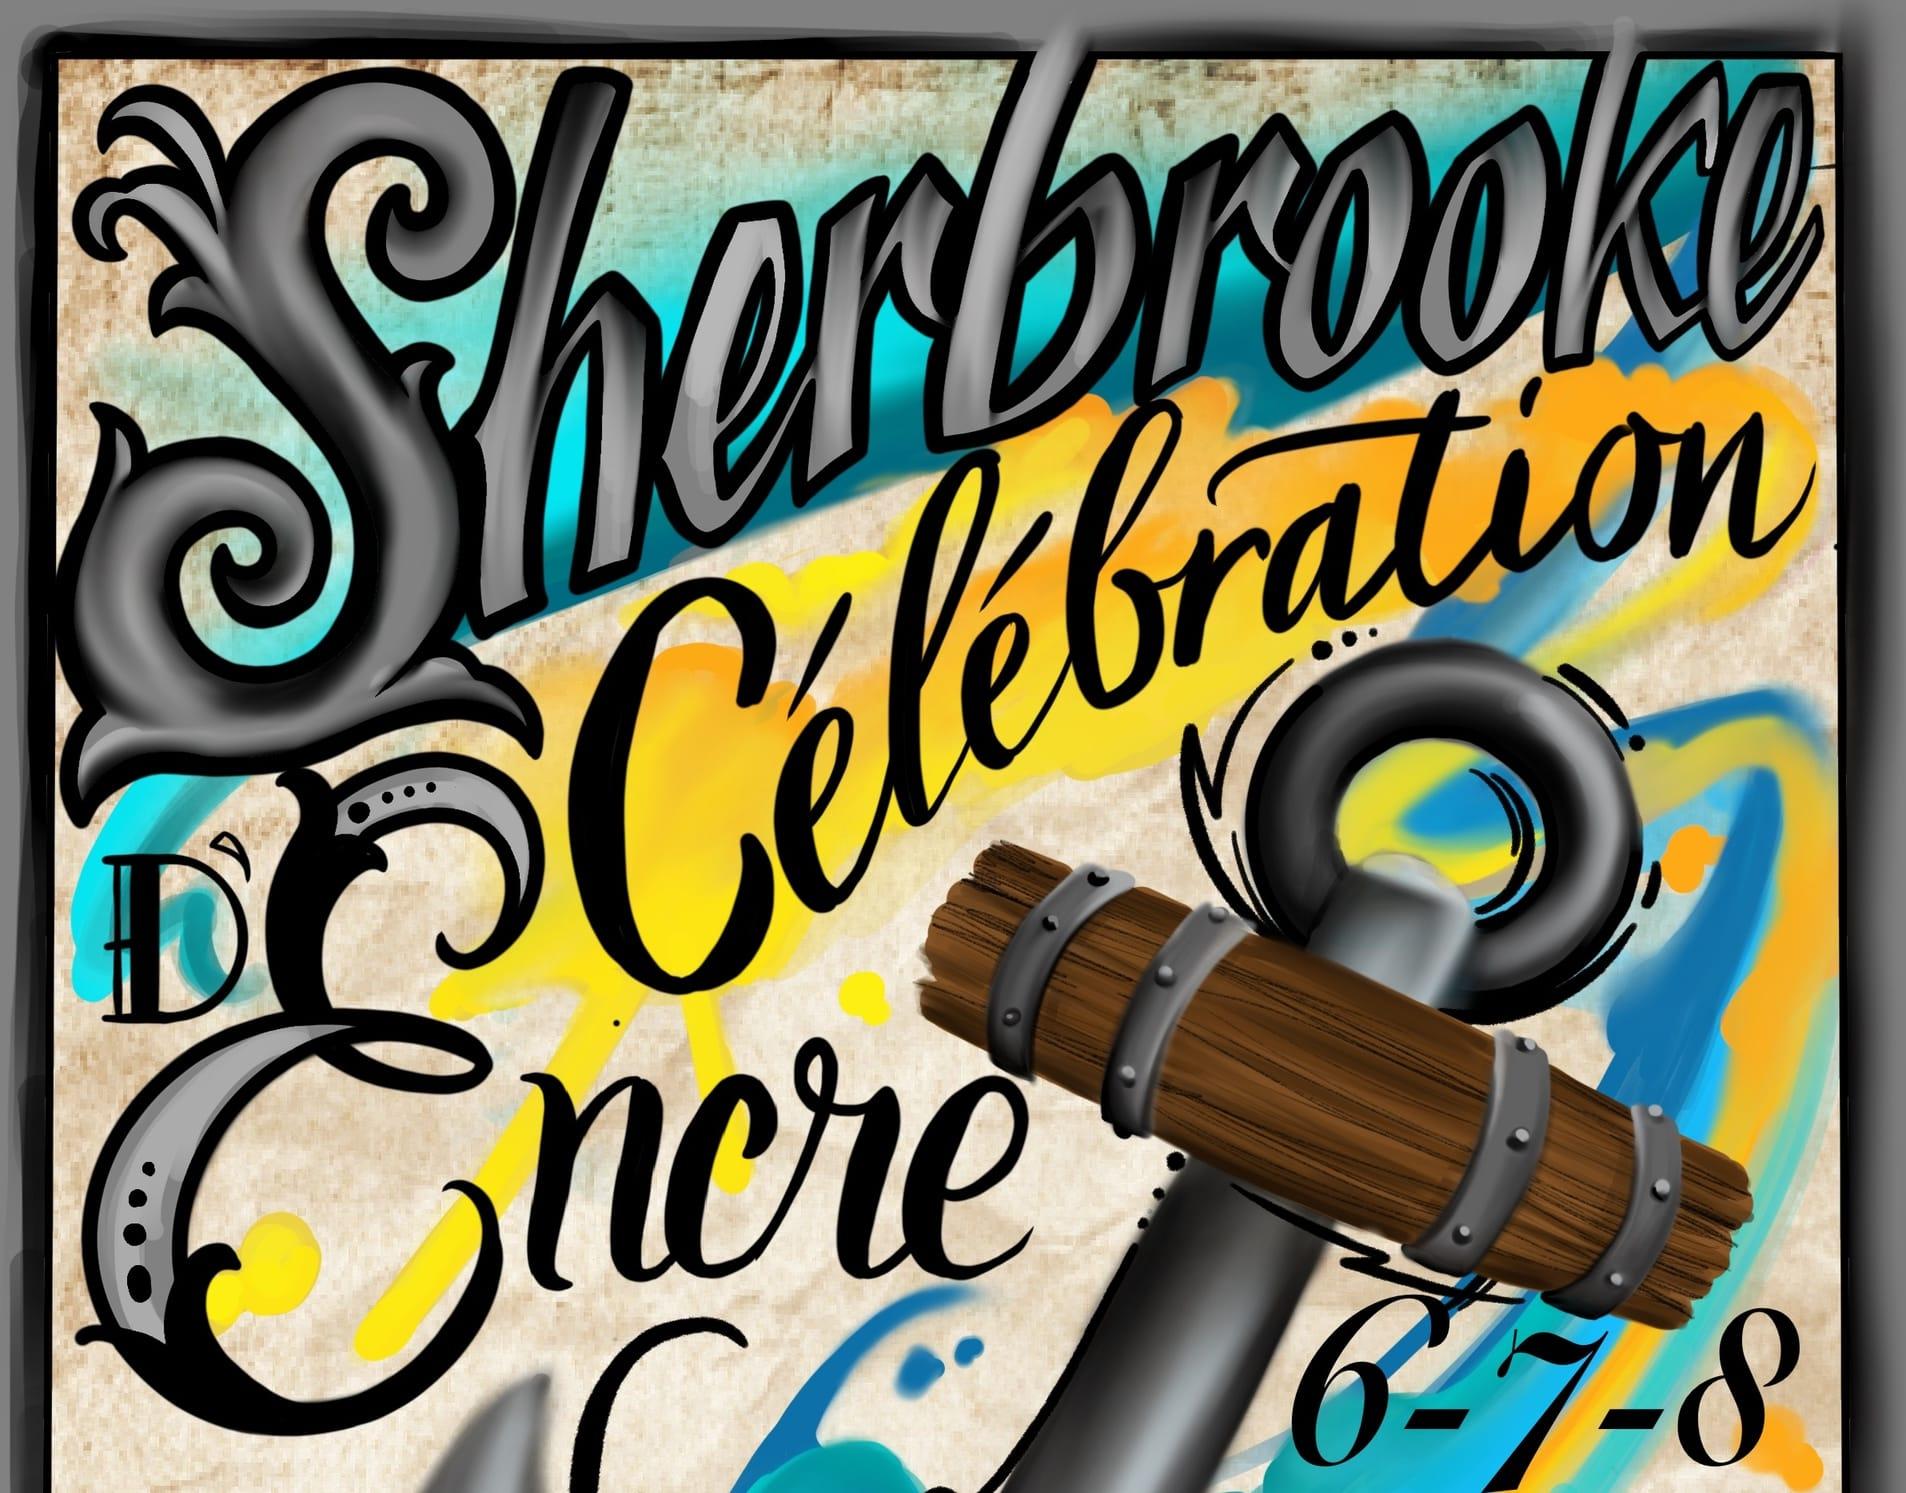 Sherbrooke Célébration d'Encre